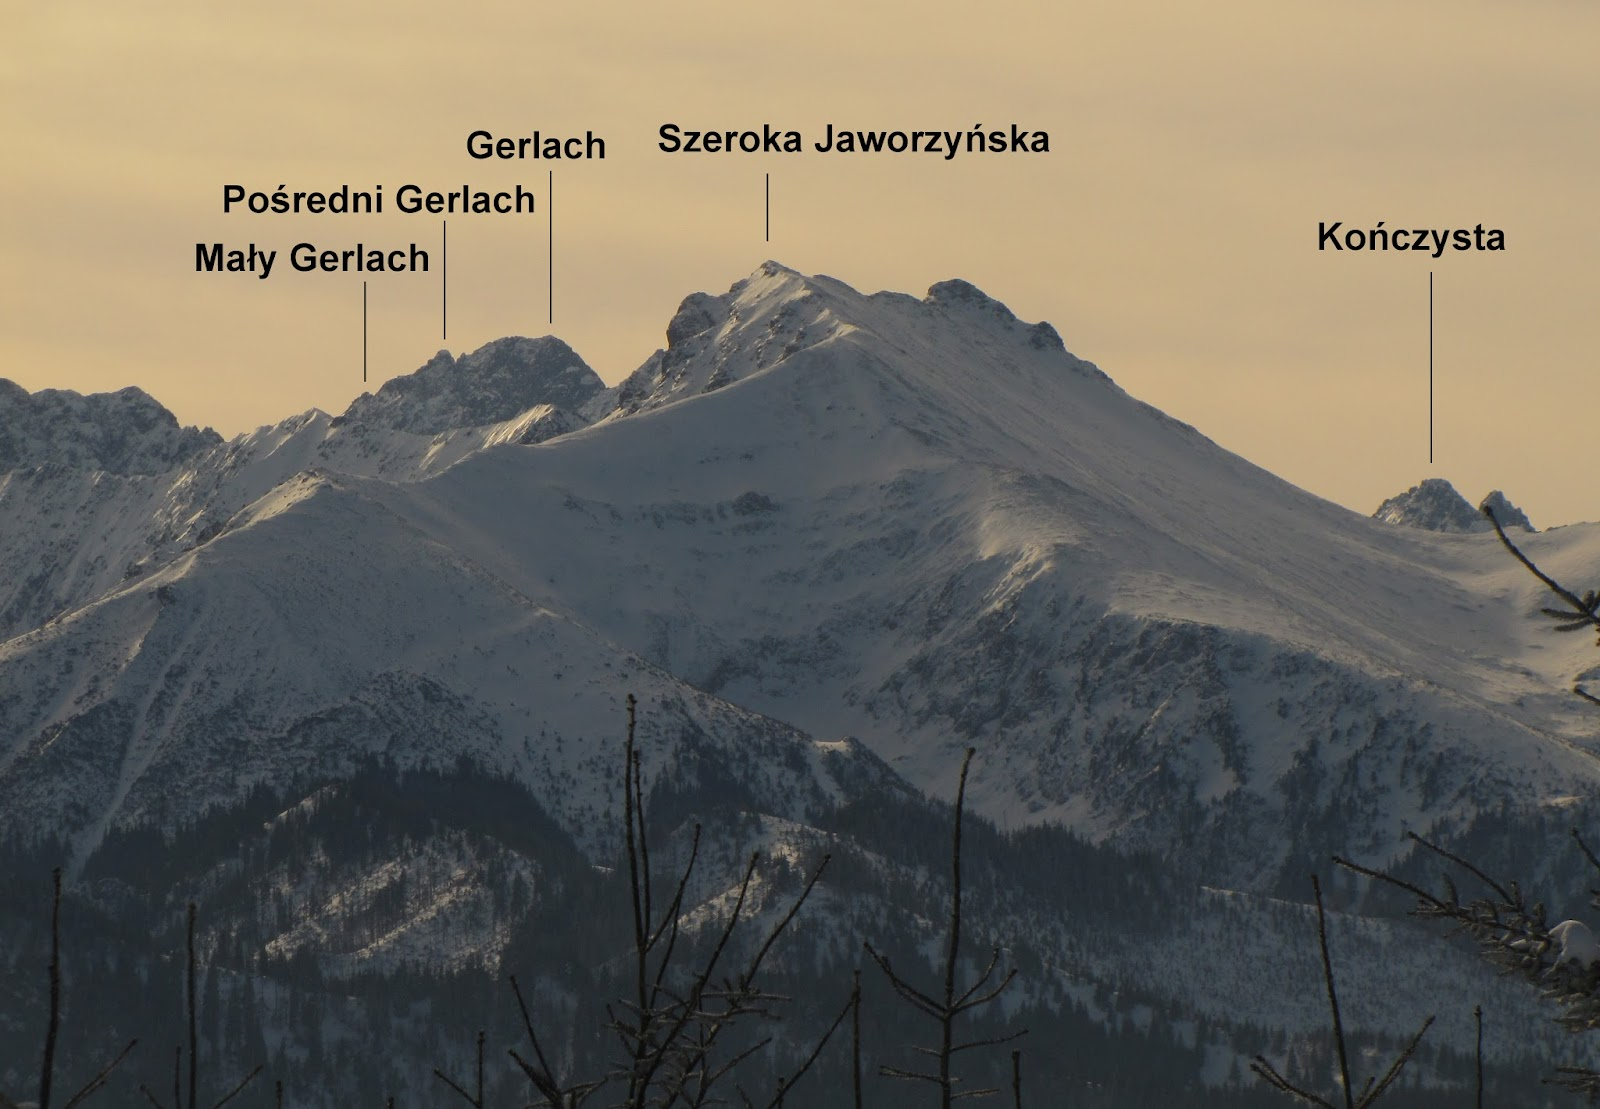 Szeroka Jaworzyńska, Gerlach i Kończysta.